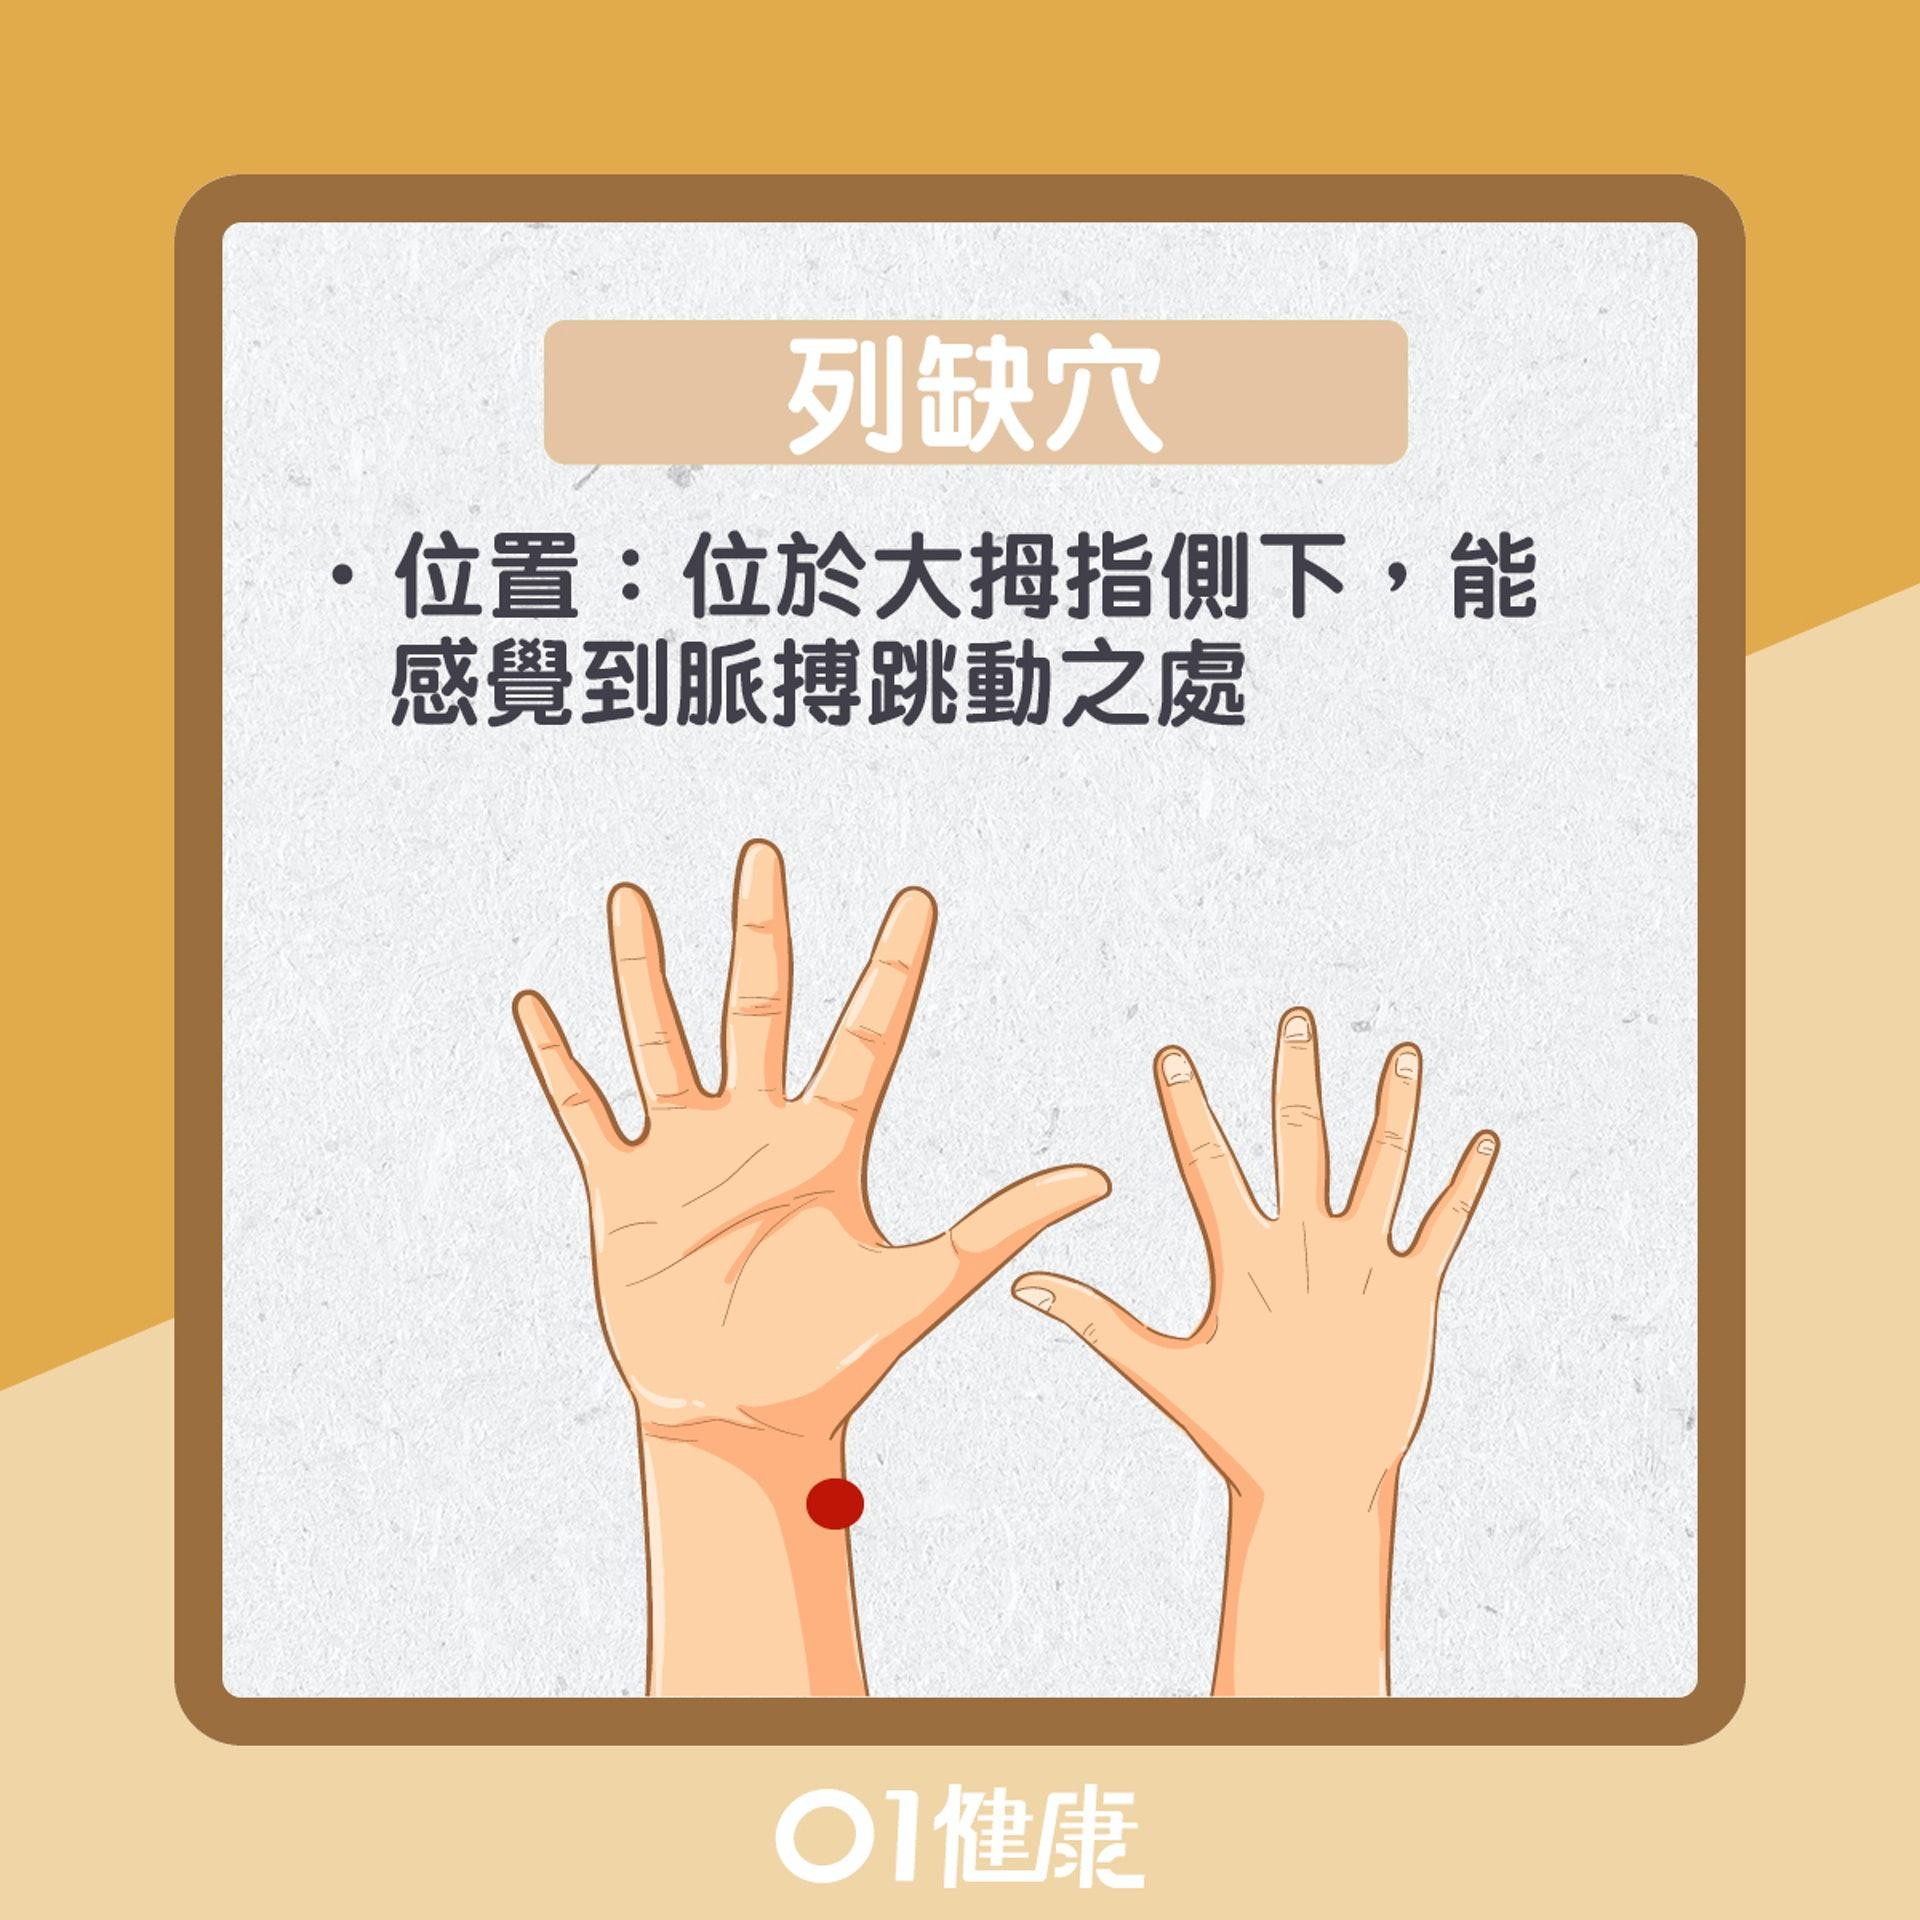 鞏固肺氣穴位(01製圖)